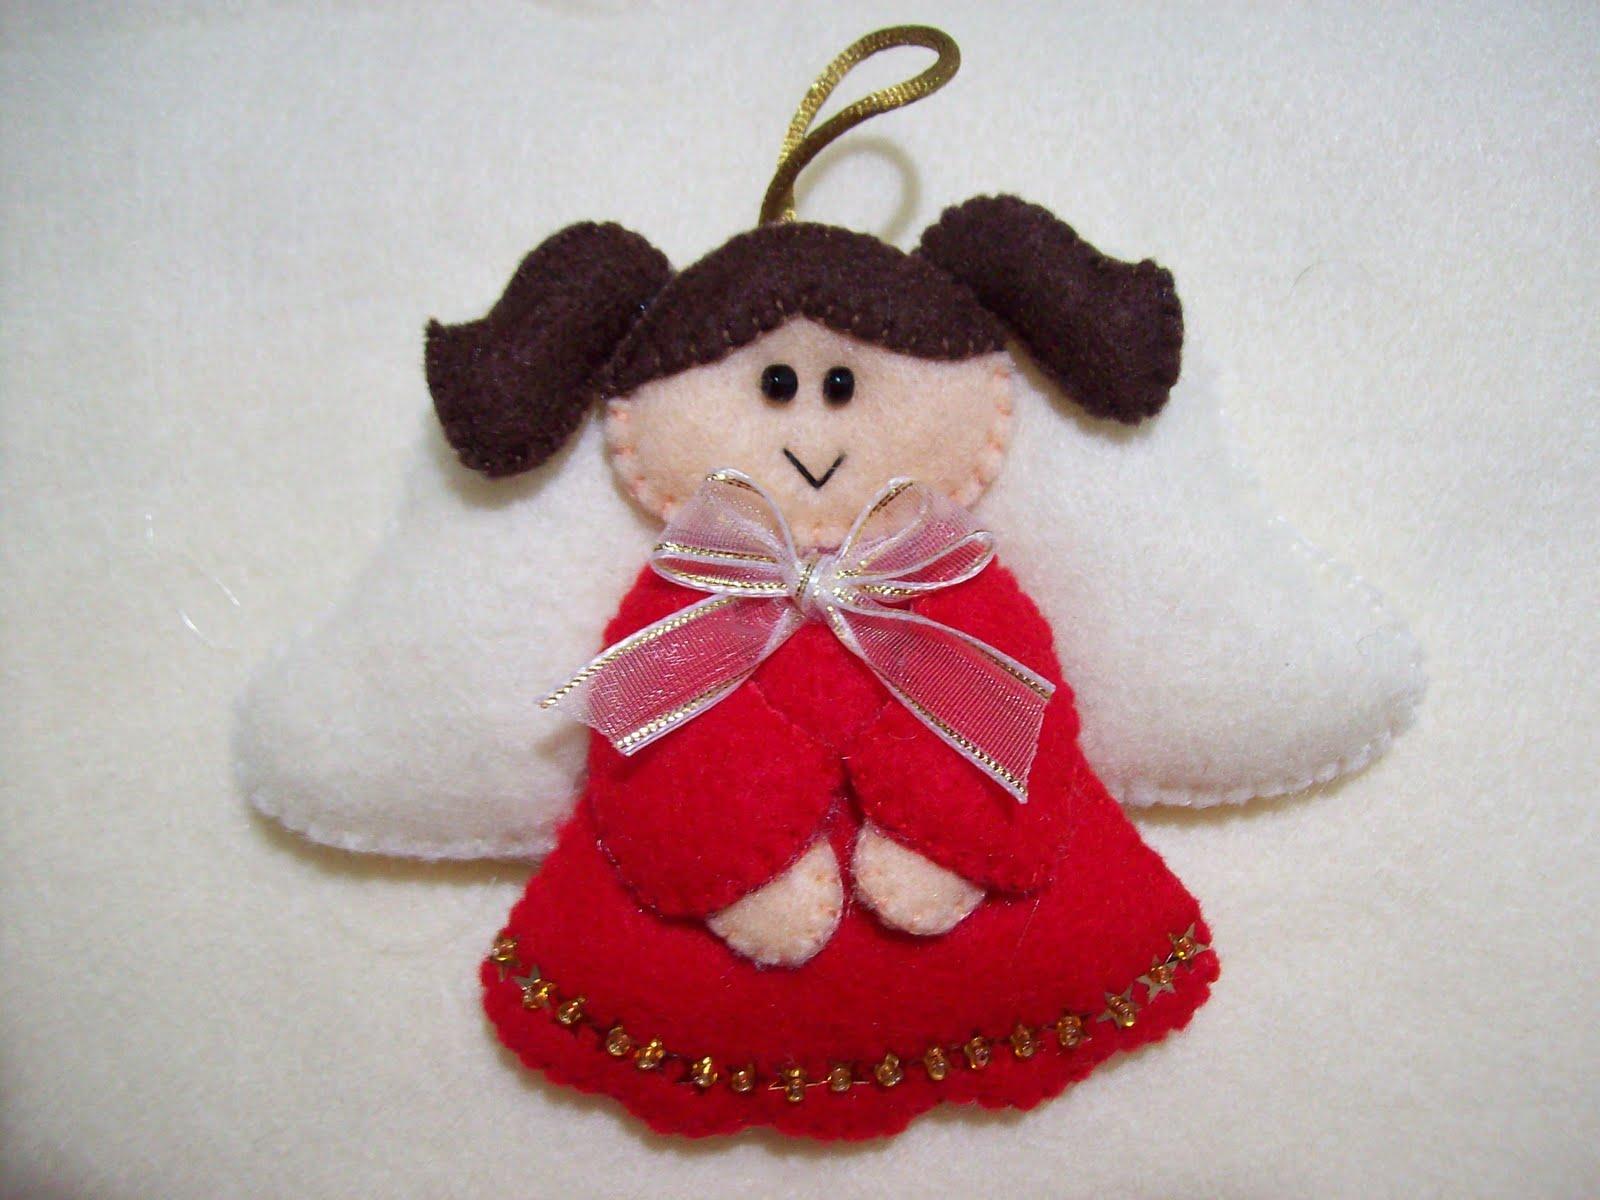 Shexeldetallitos blog de manualidades adornos de - Manualidades para navidades ...